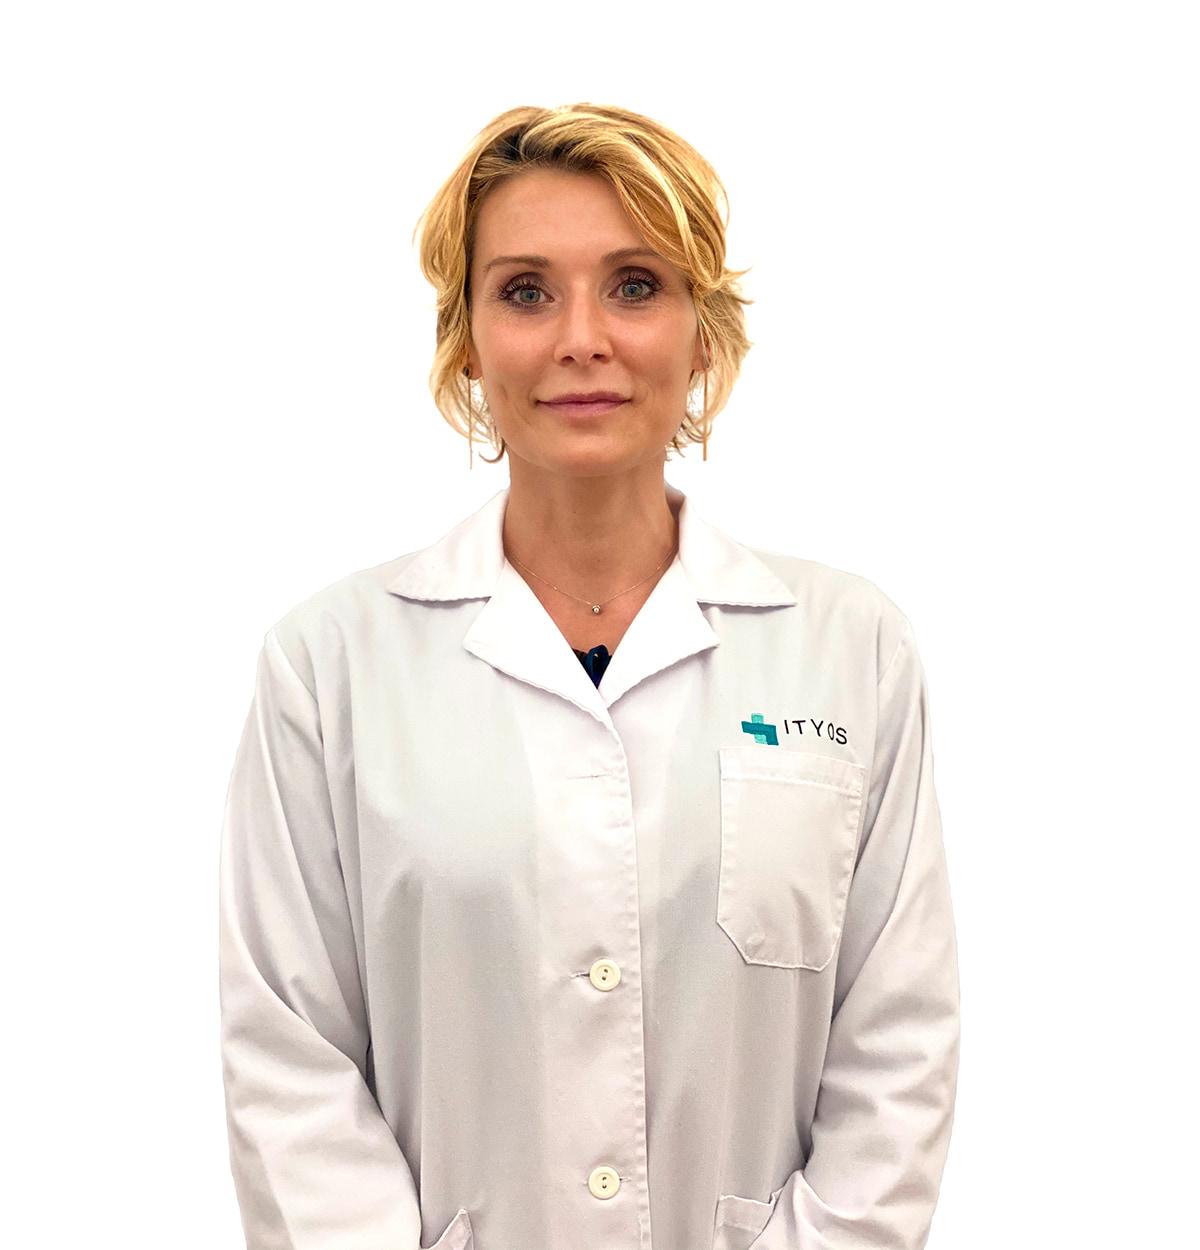 Dra. Cristina Romero